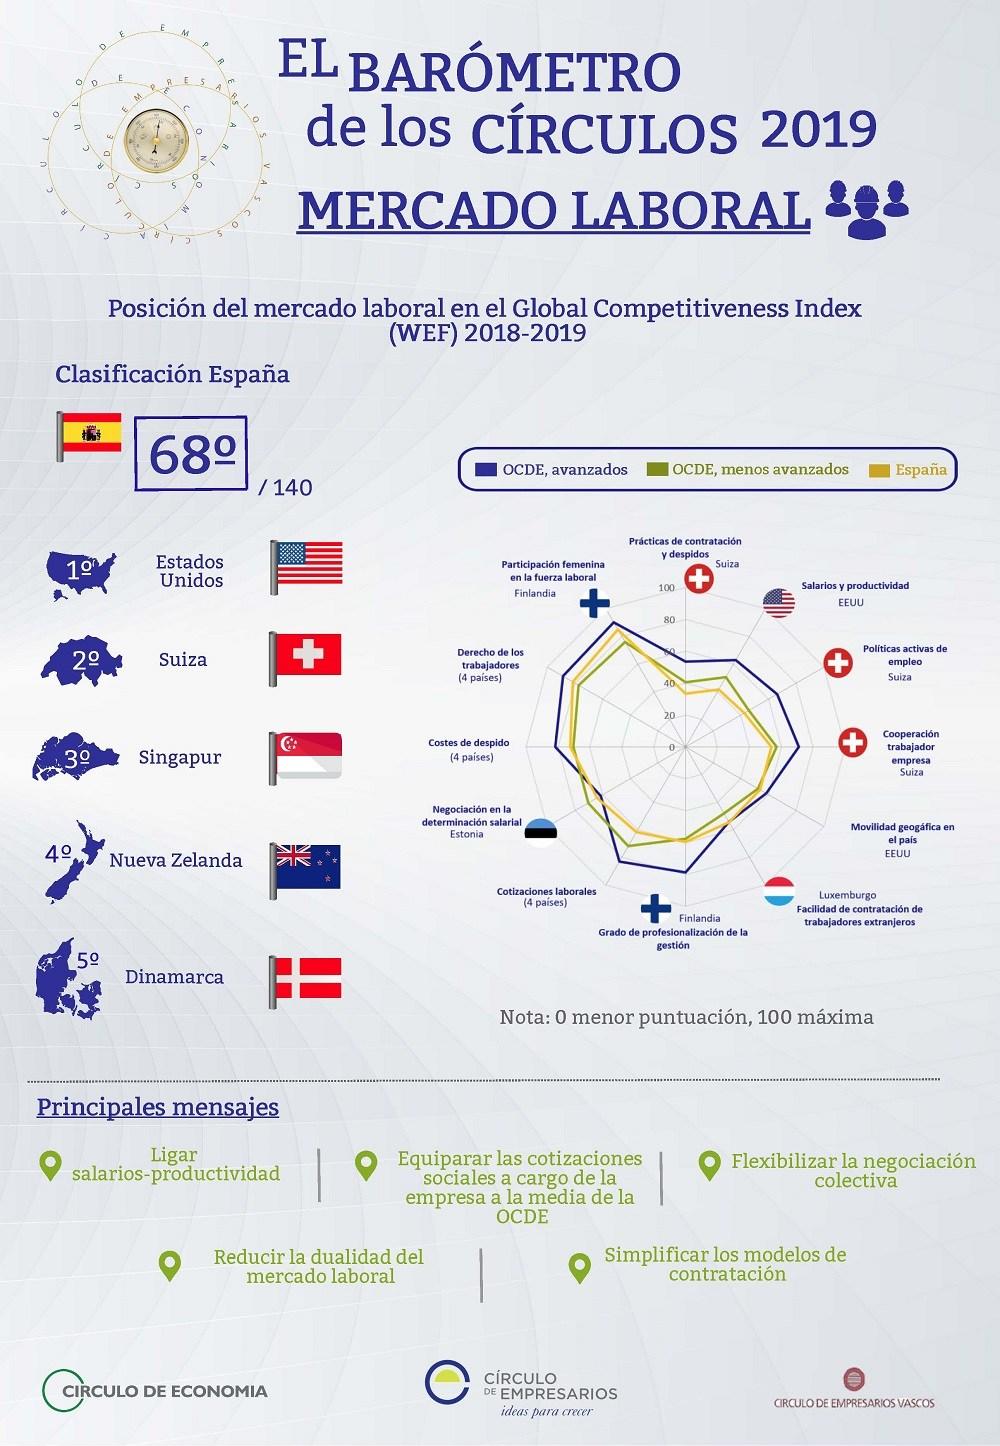 Mercado Laboral una infografía del Barómetro de los Círculos